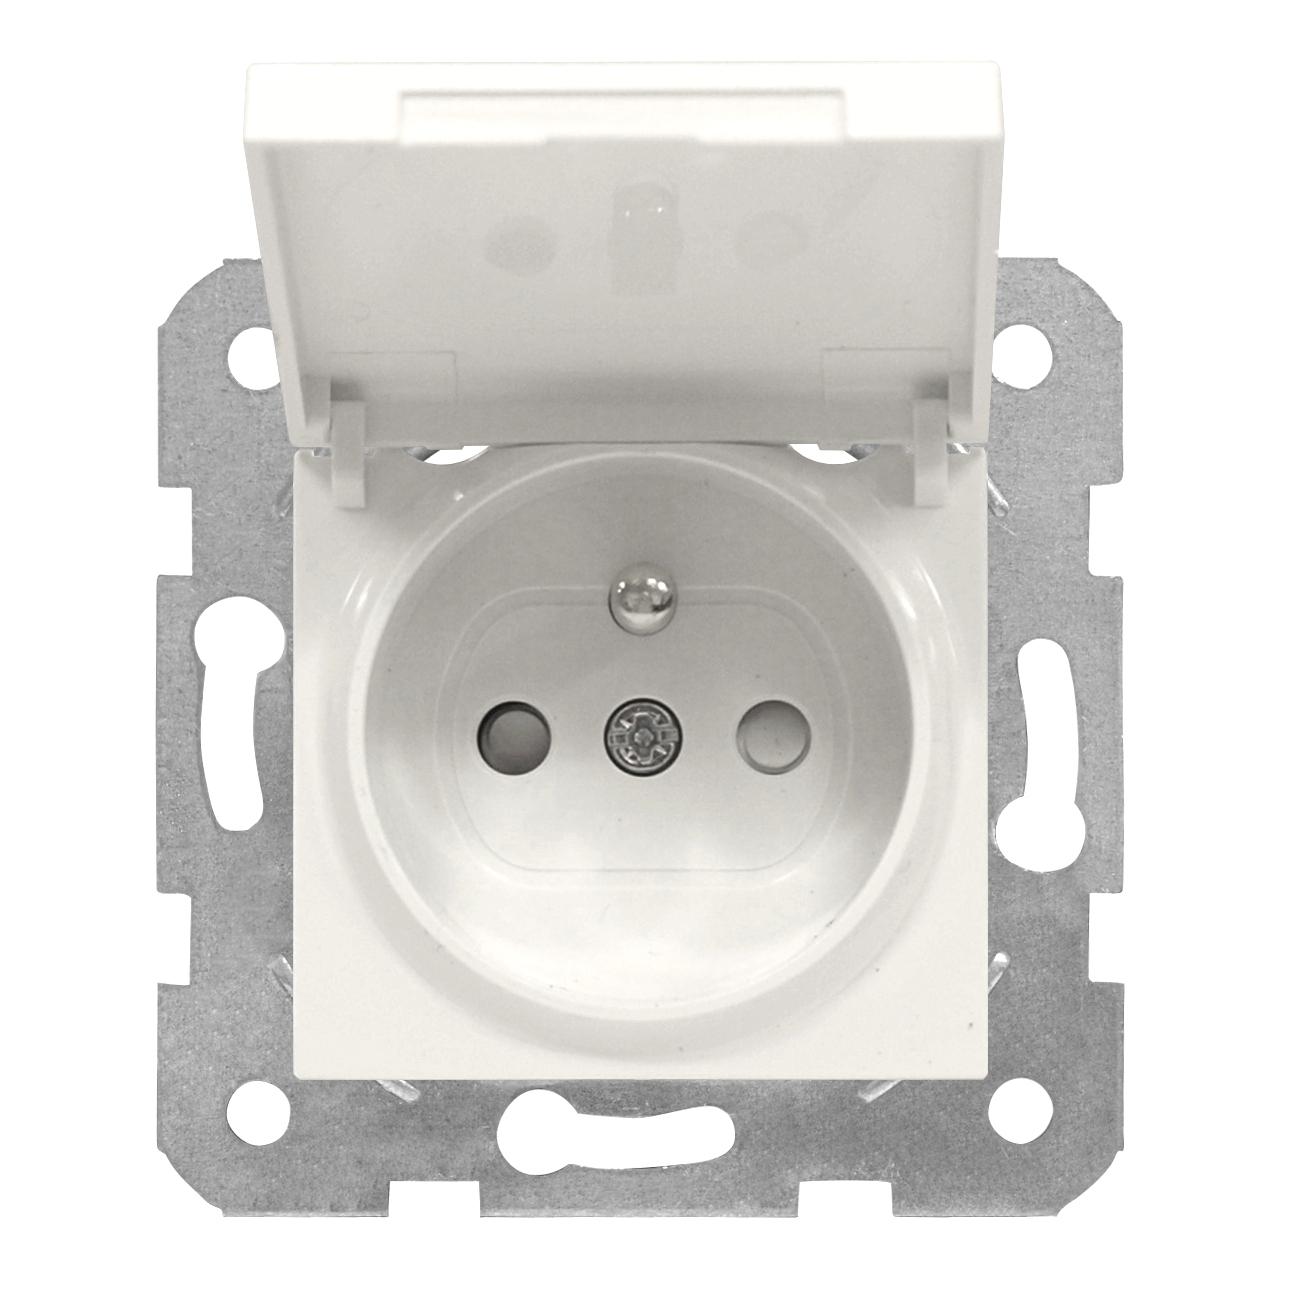 1 Stk Steckdose Erdstift, erhöhter Berührungsschutz, Klappdeckel EV101054--